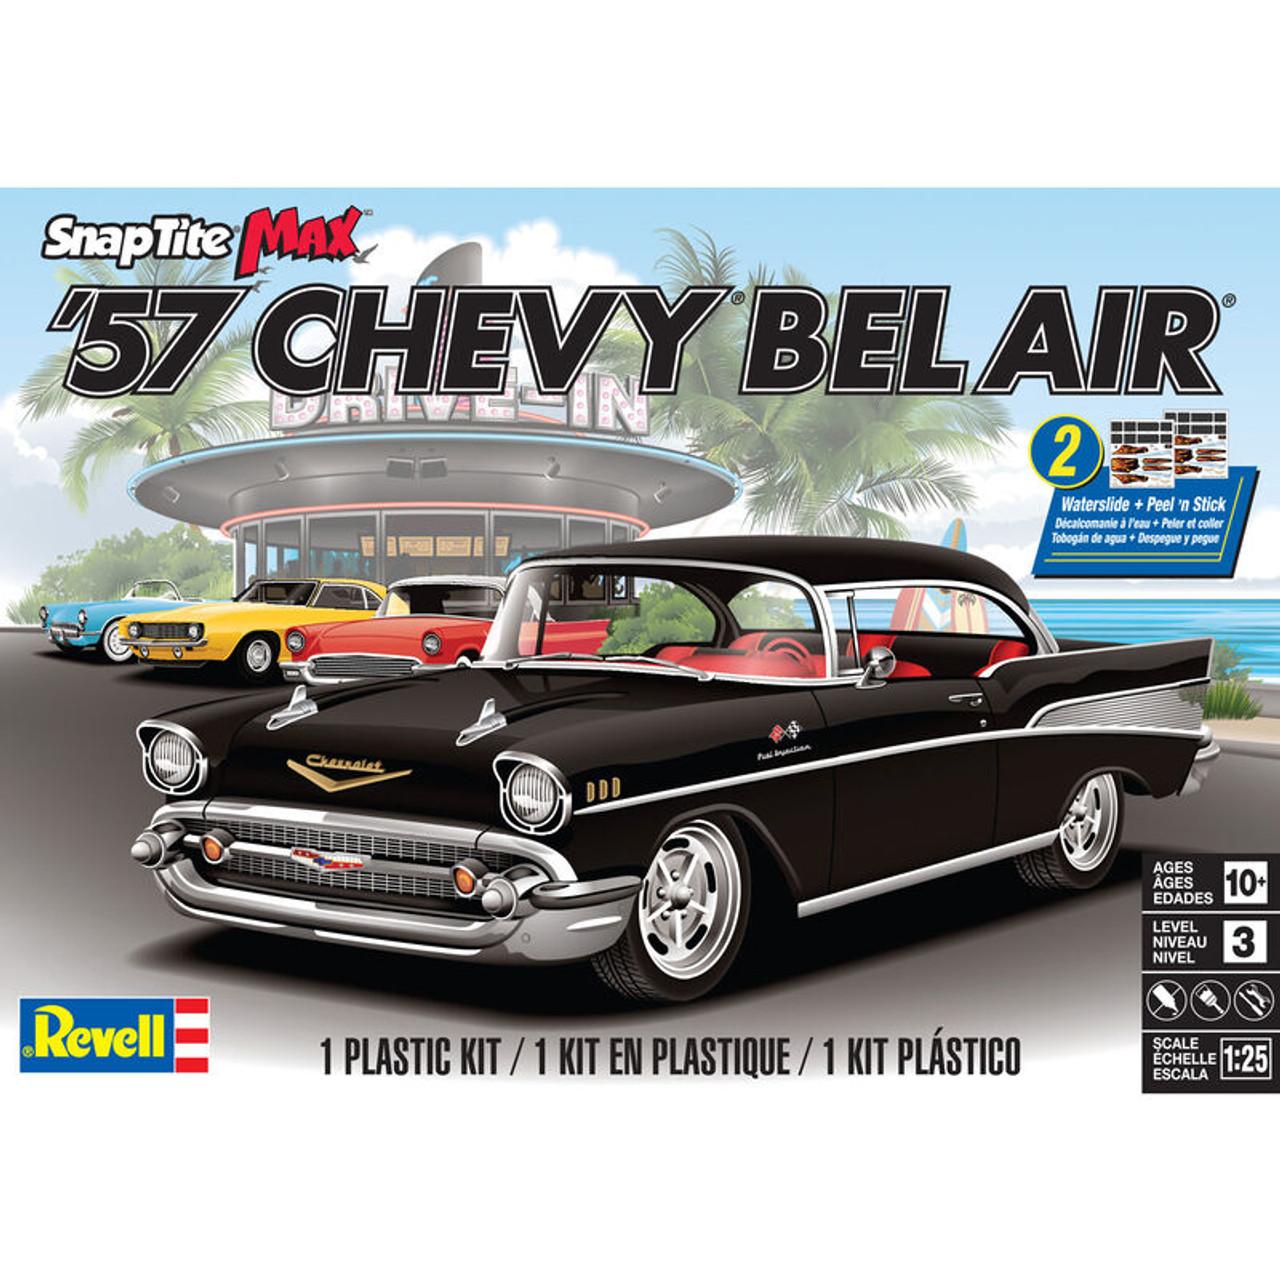 Revell 851529 1/25 '57 Chevy Bel Air Snap Model Kit